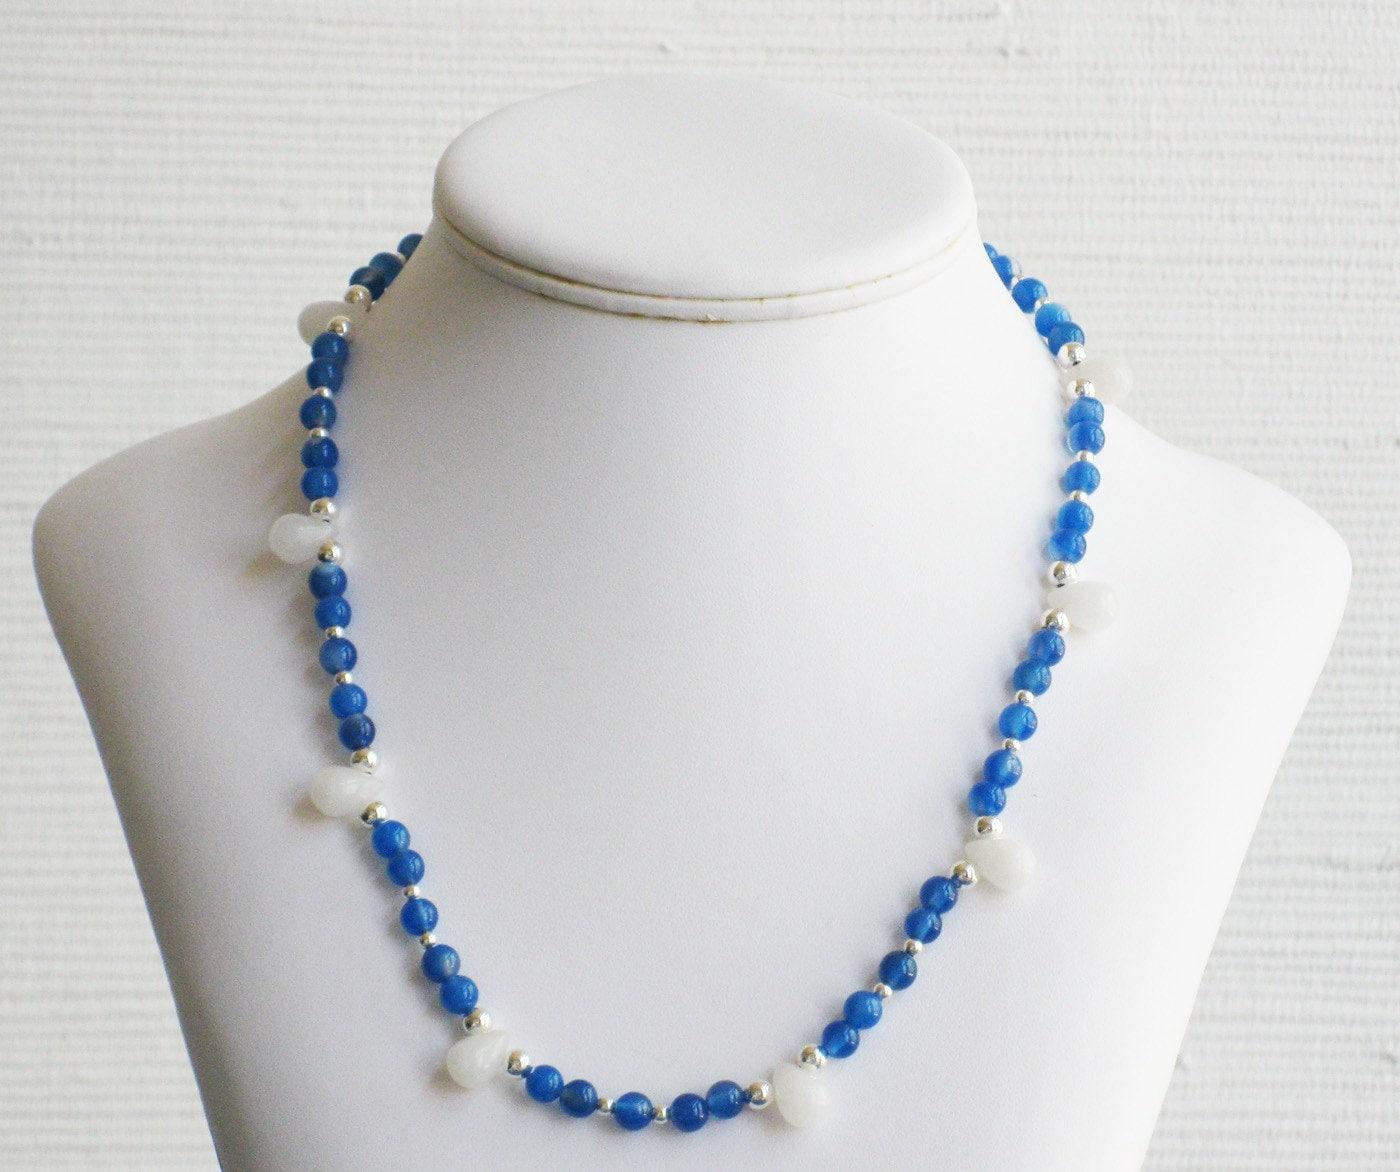 Teardrop Beads: Blue Agate And Quartz Teardrop Bead Necklace